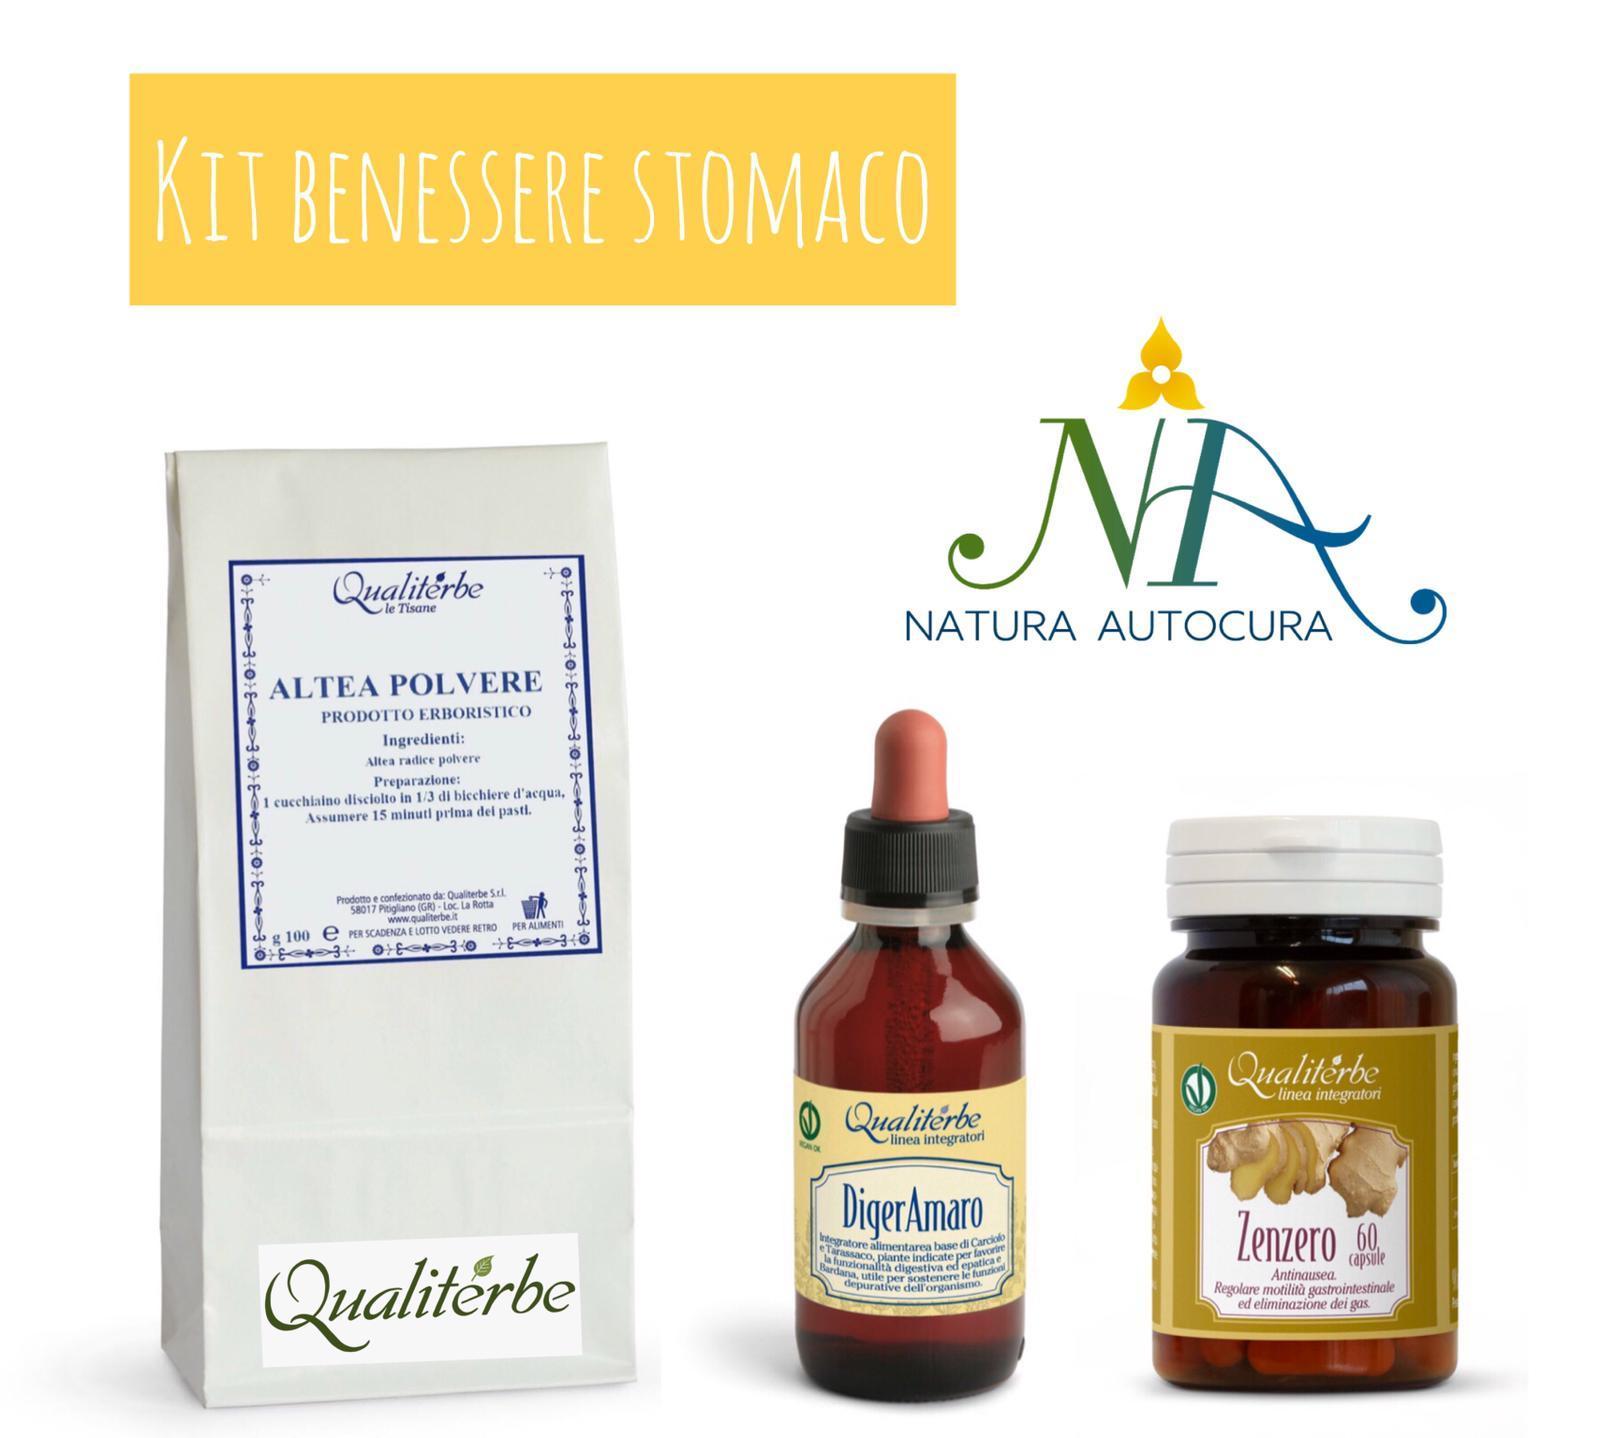 Kit Benessere Stomaco Per Gruppo Naturautocura